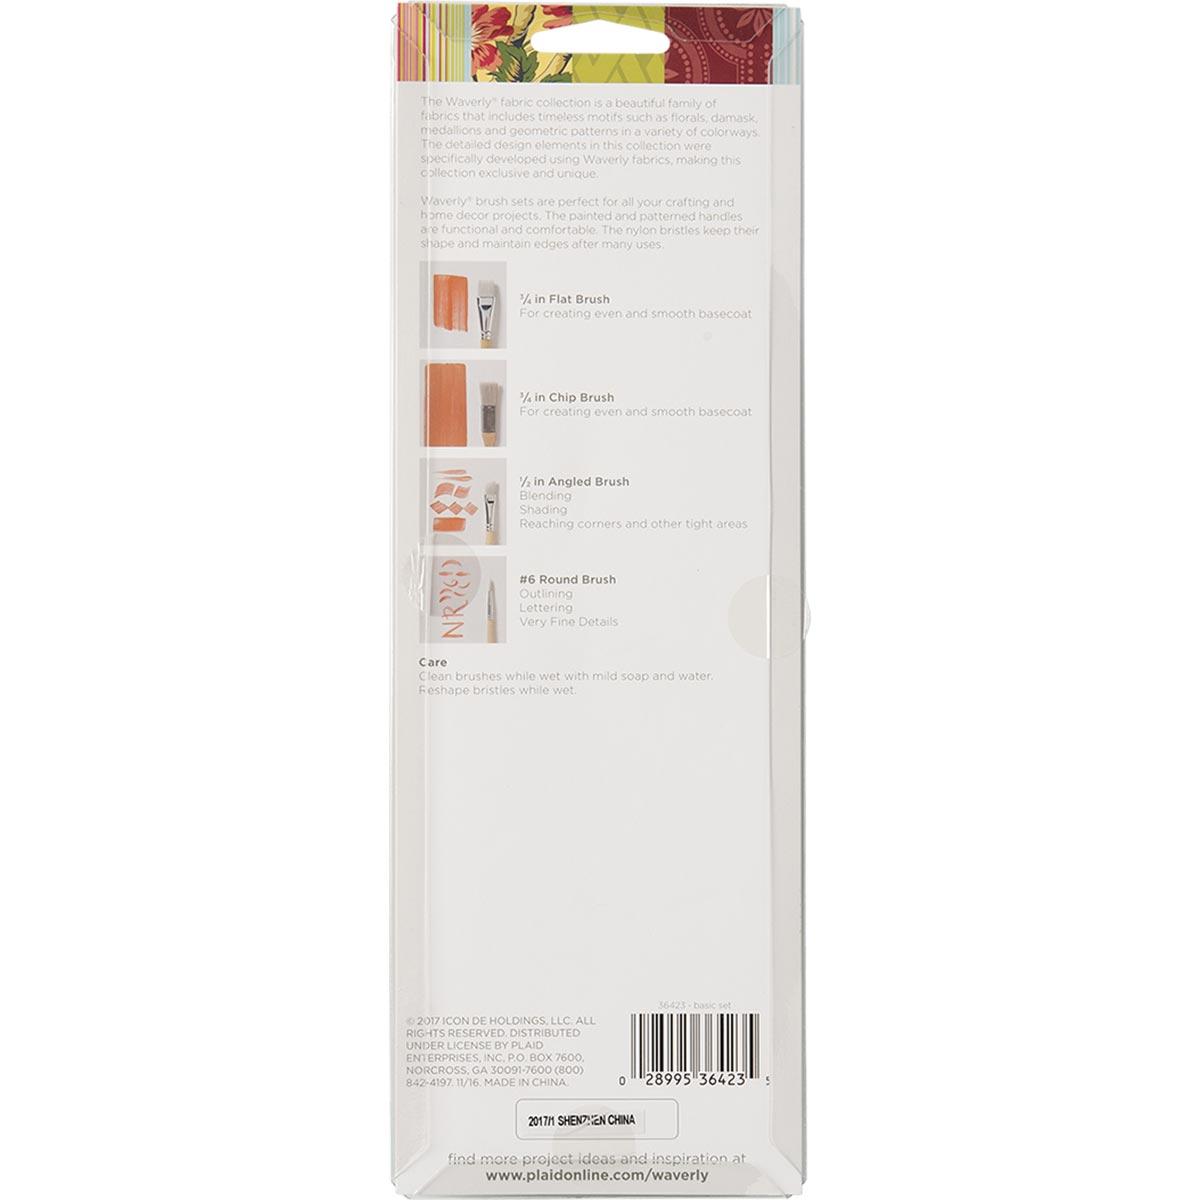 Waverly ® Brushes - Basic Set, 4 pc.